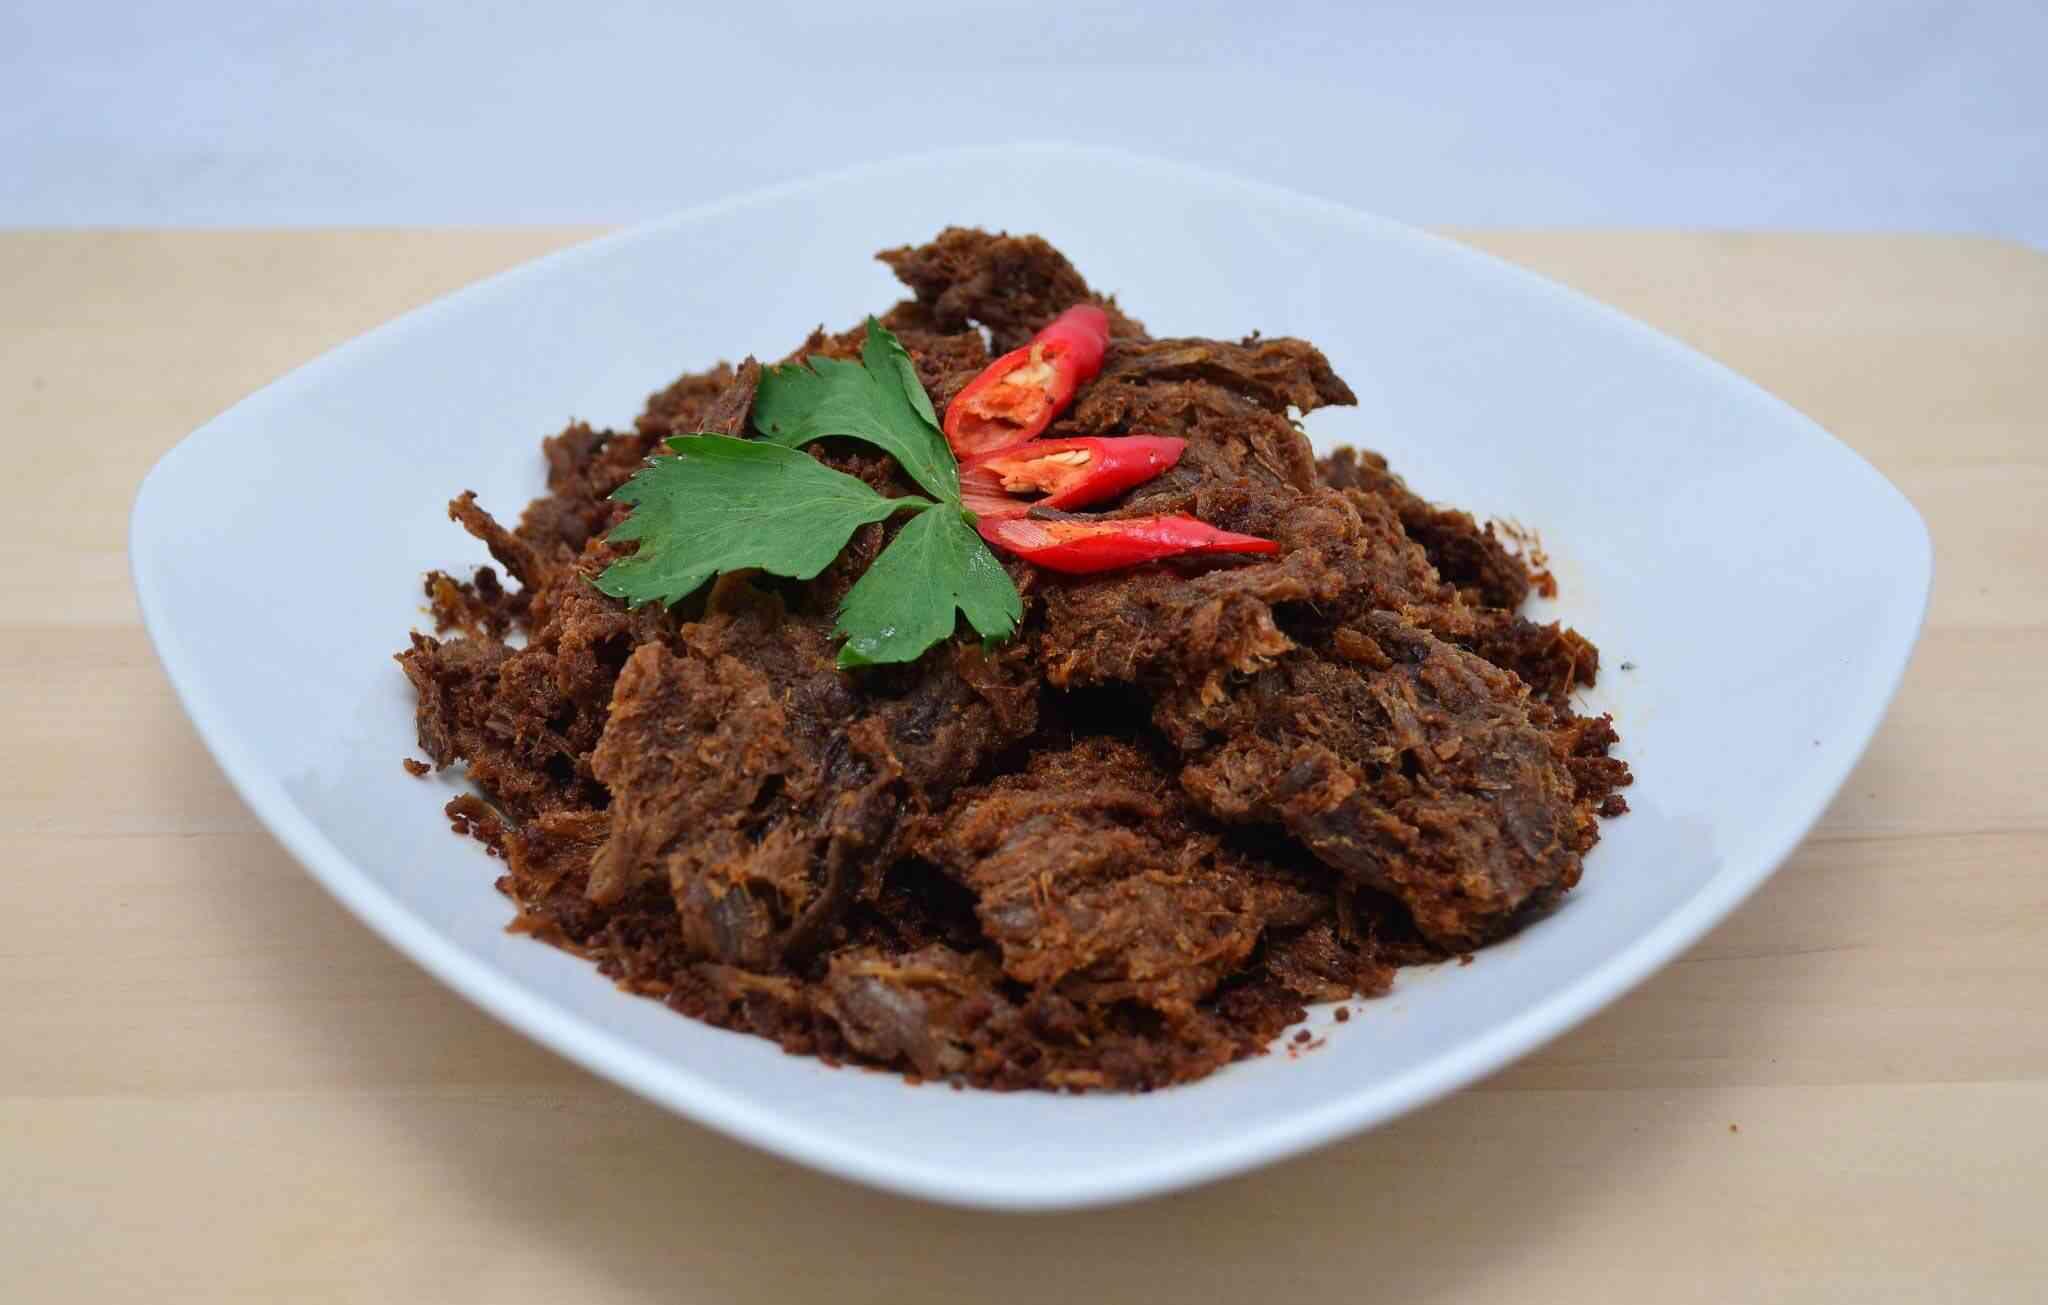 Fantastis 10 Makanan Indonesia Ini Mahal Di Luar Negeri Good